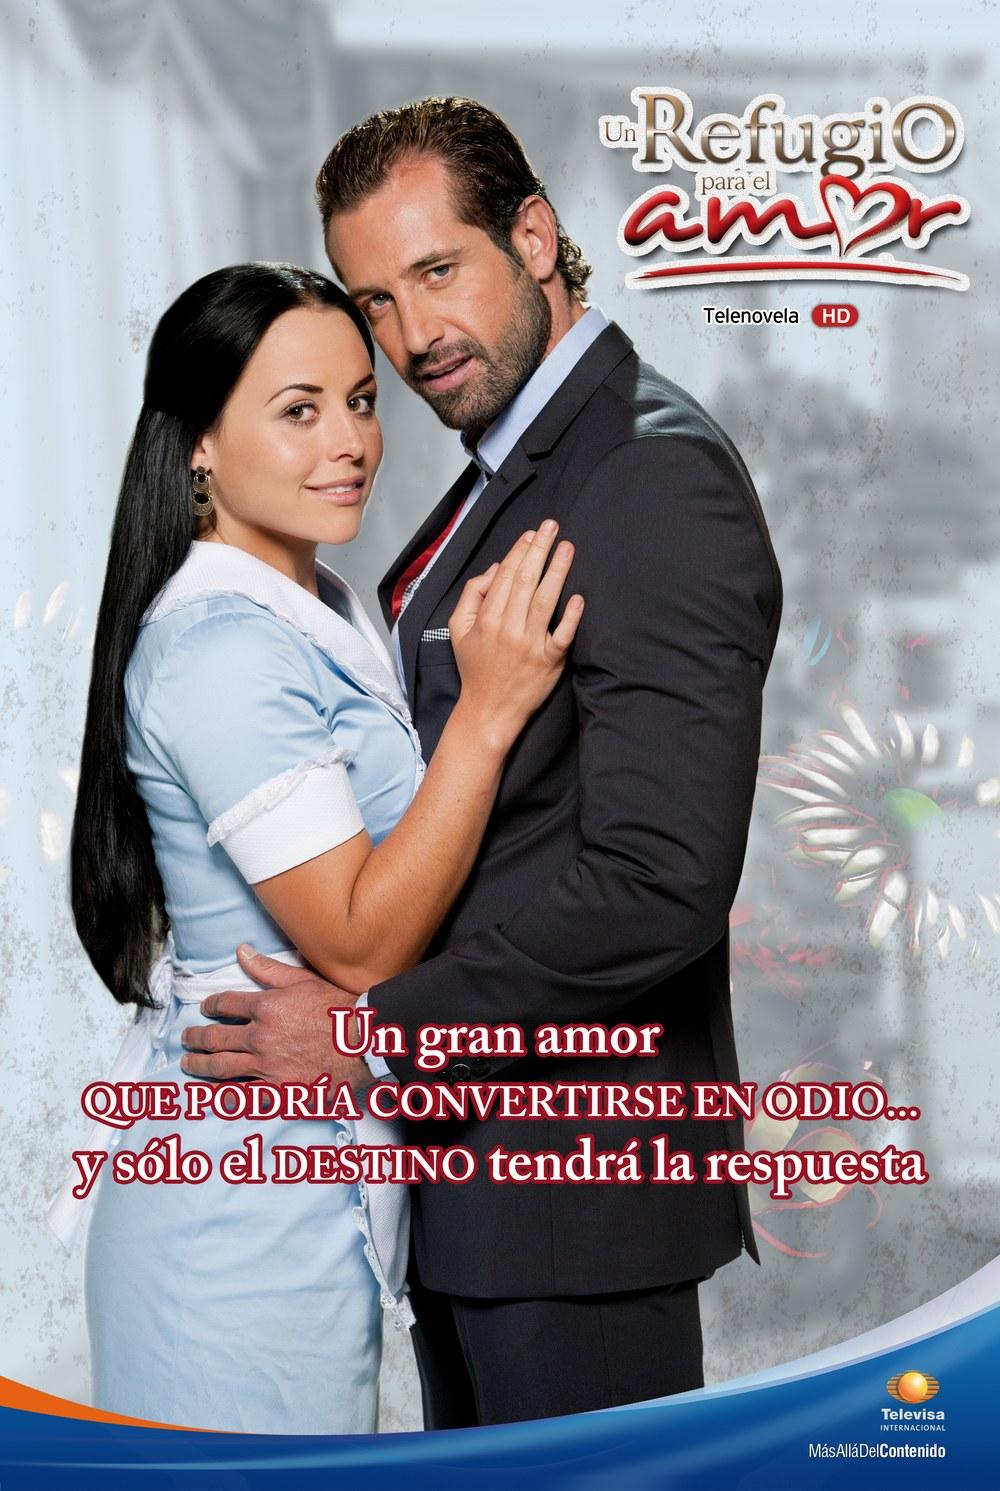 Abismo de pasion novela completa online dating 8